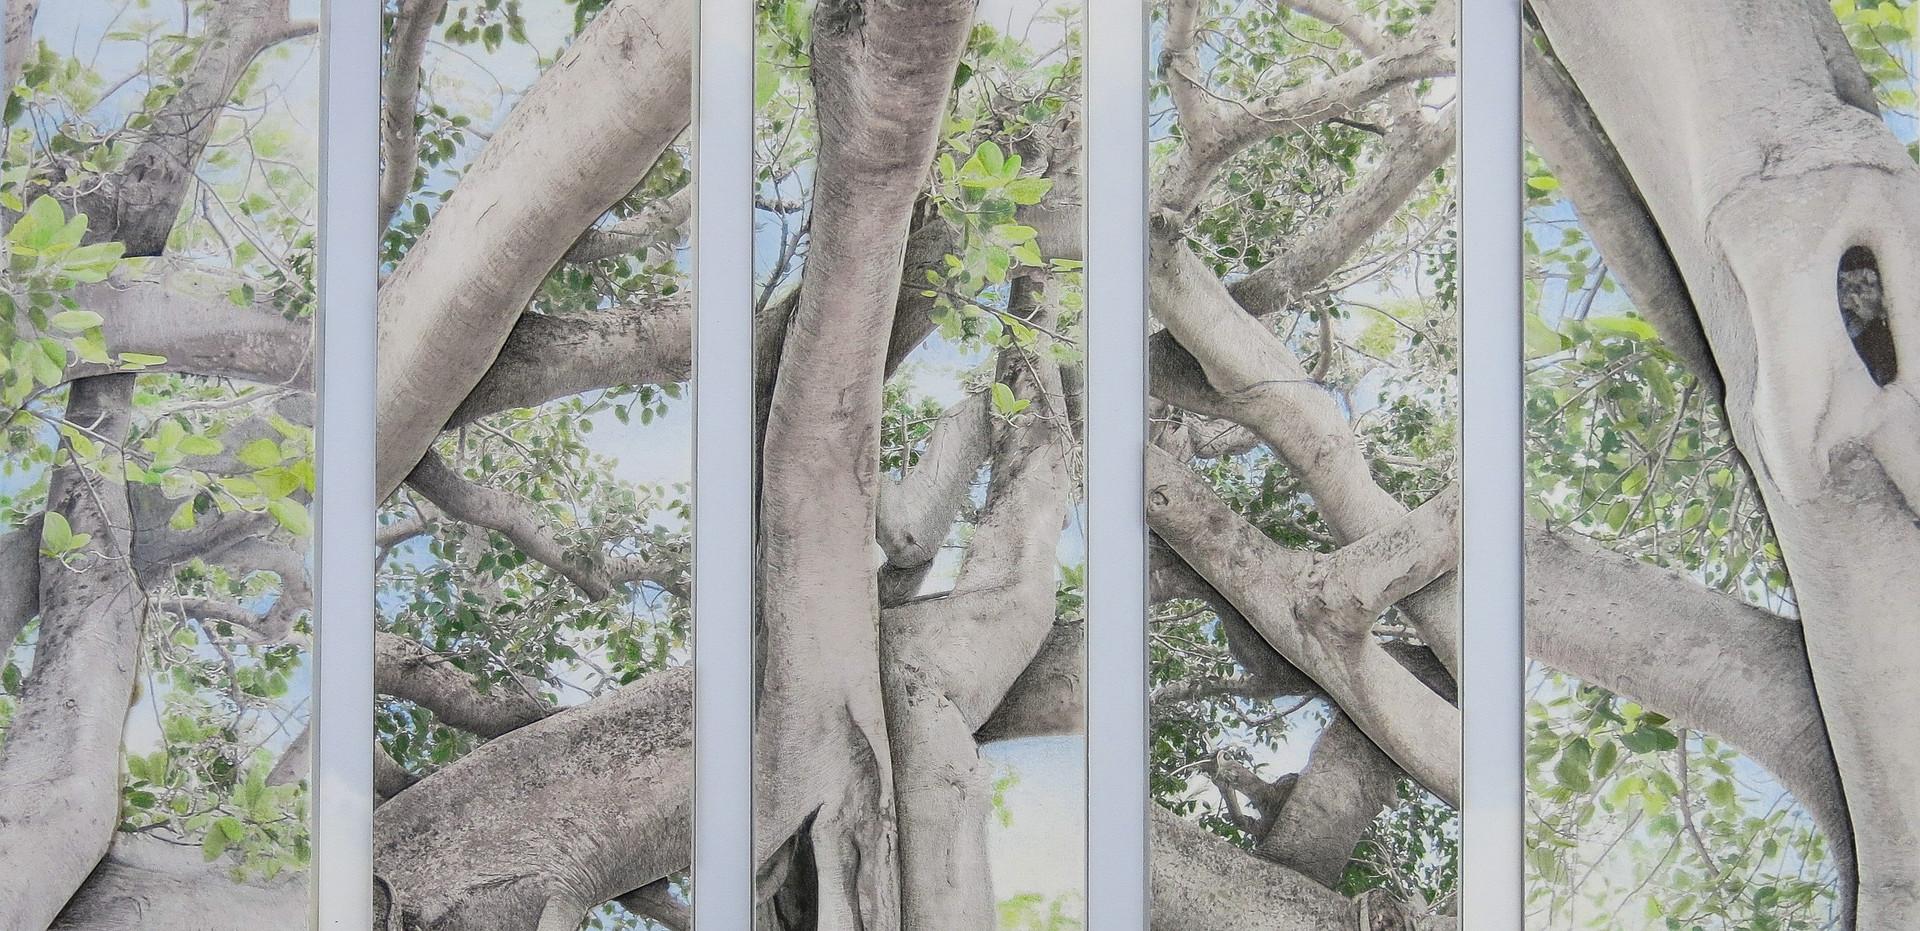 Banyan Canopy 300